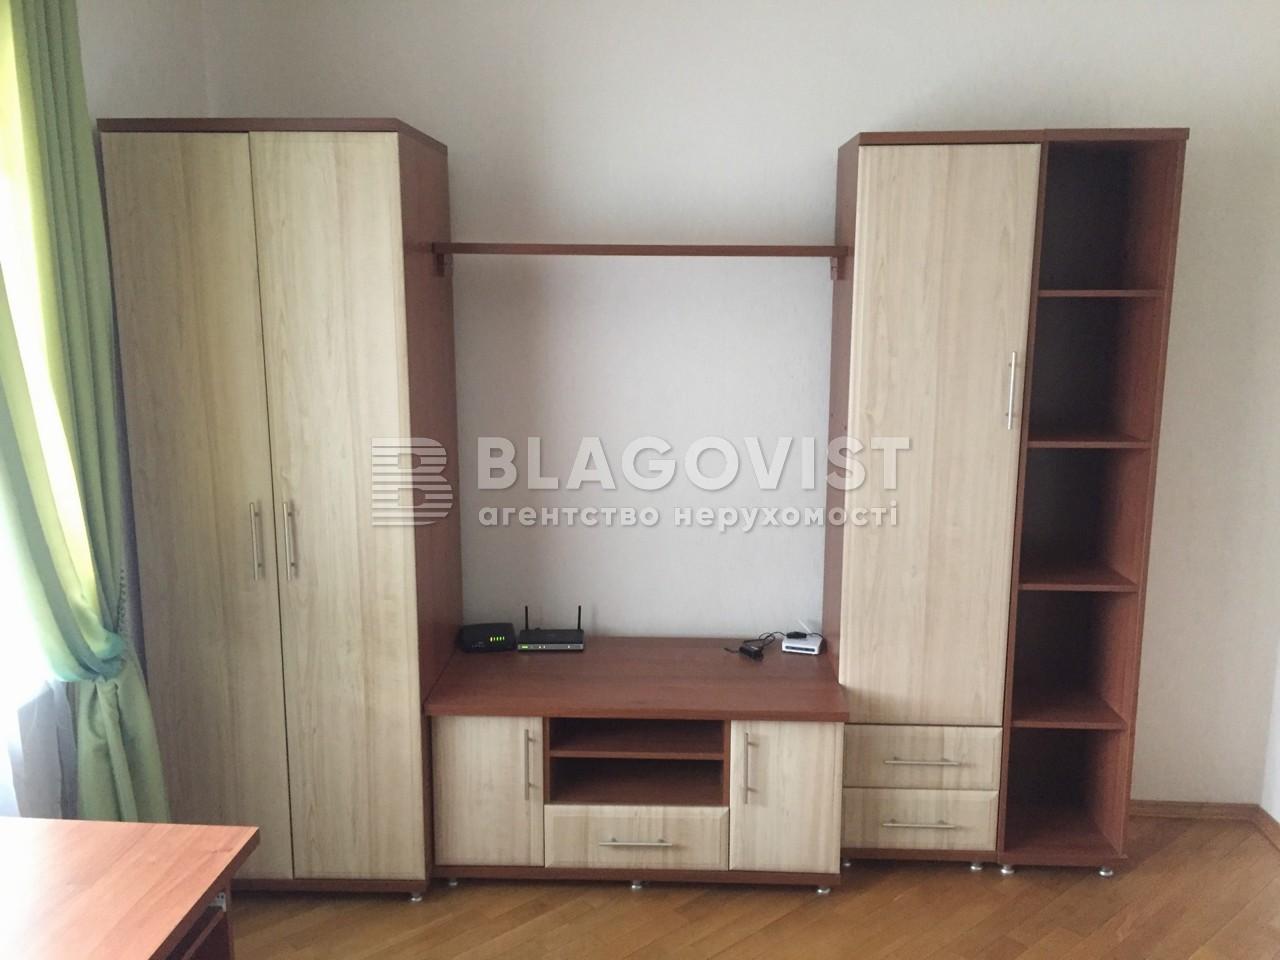 Квартира D-32559, Генерала Алмазова (Кутузова), 14, Киев - Фото 9